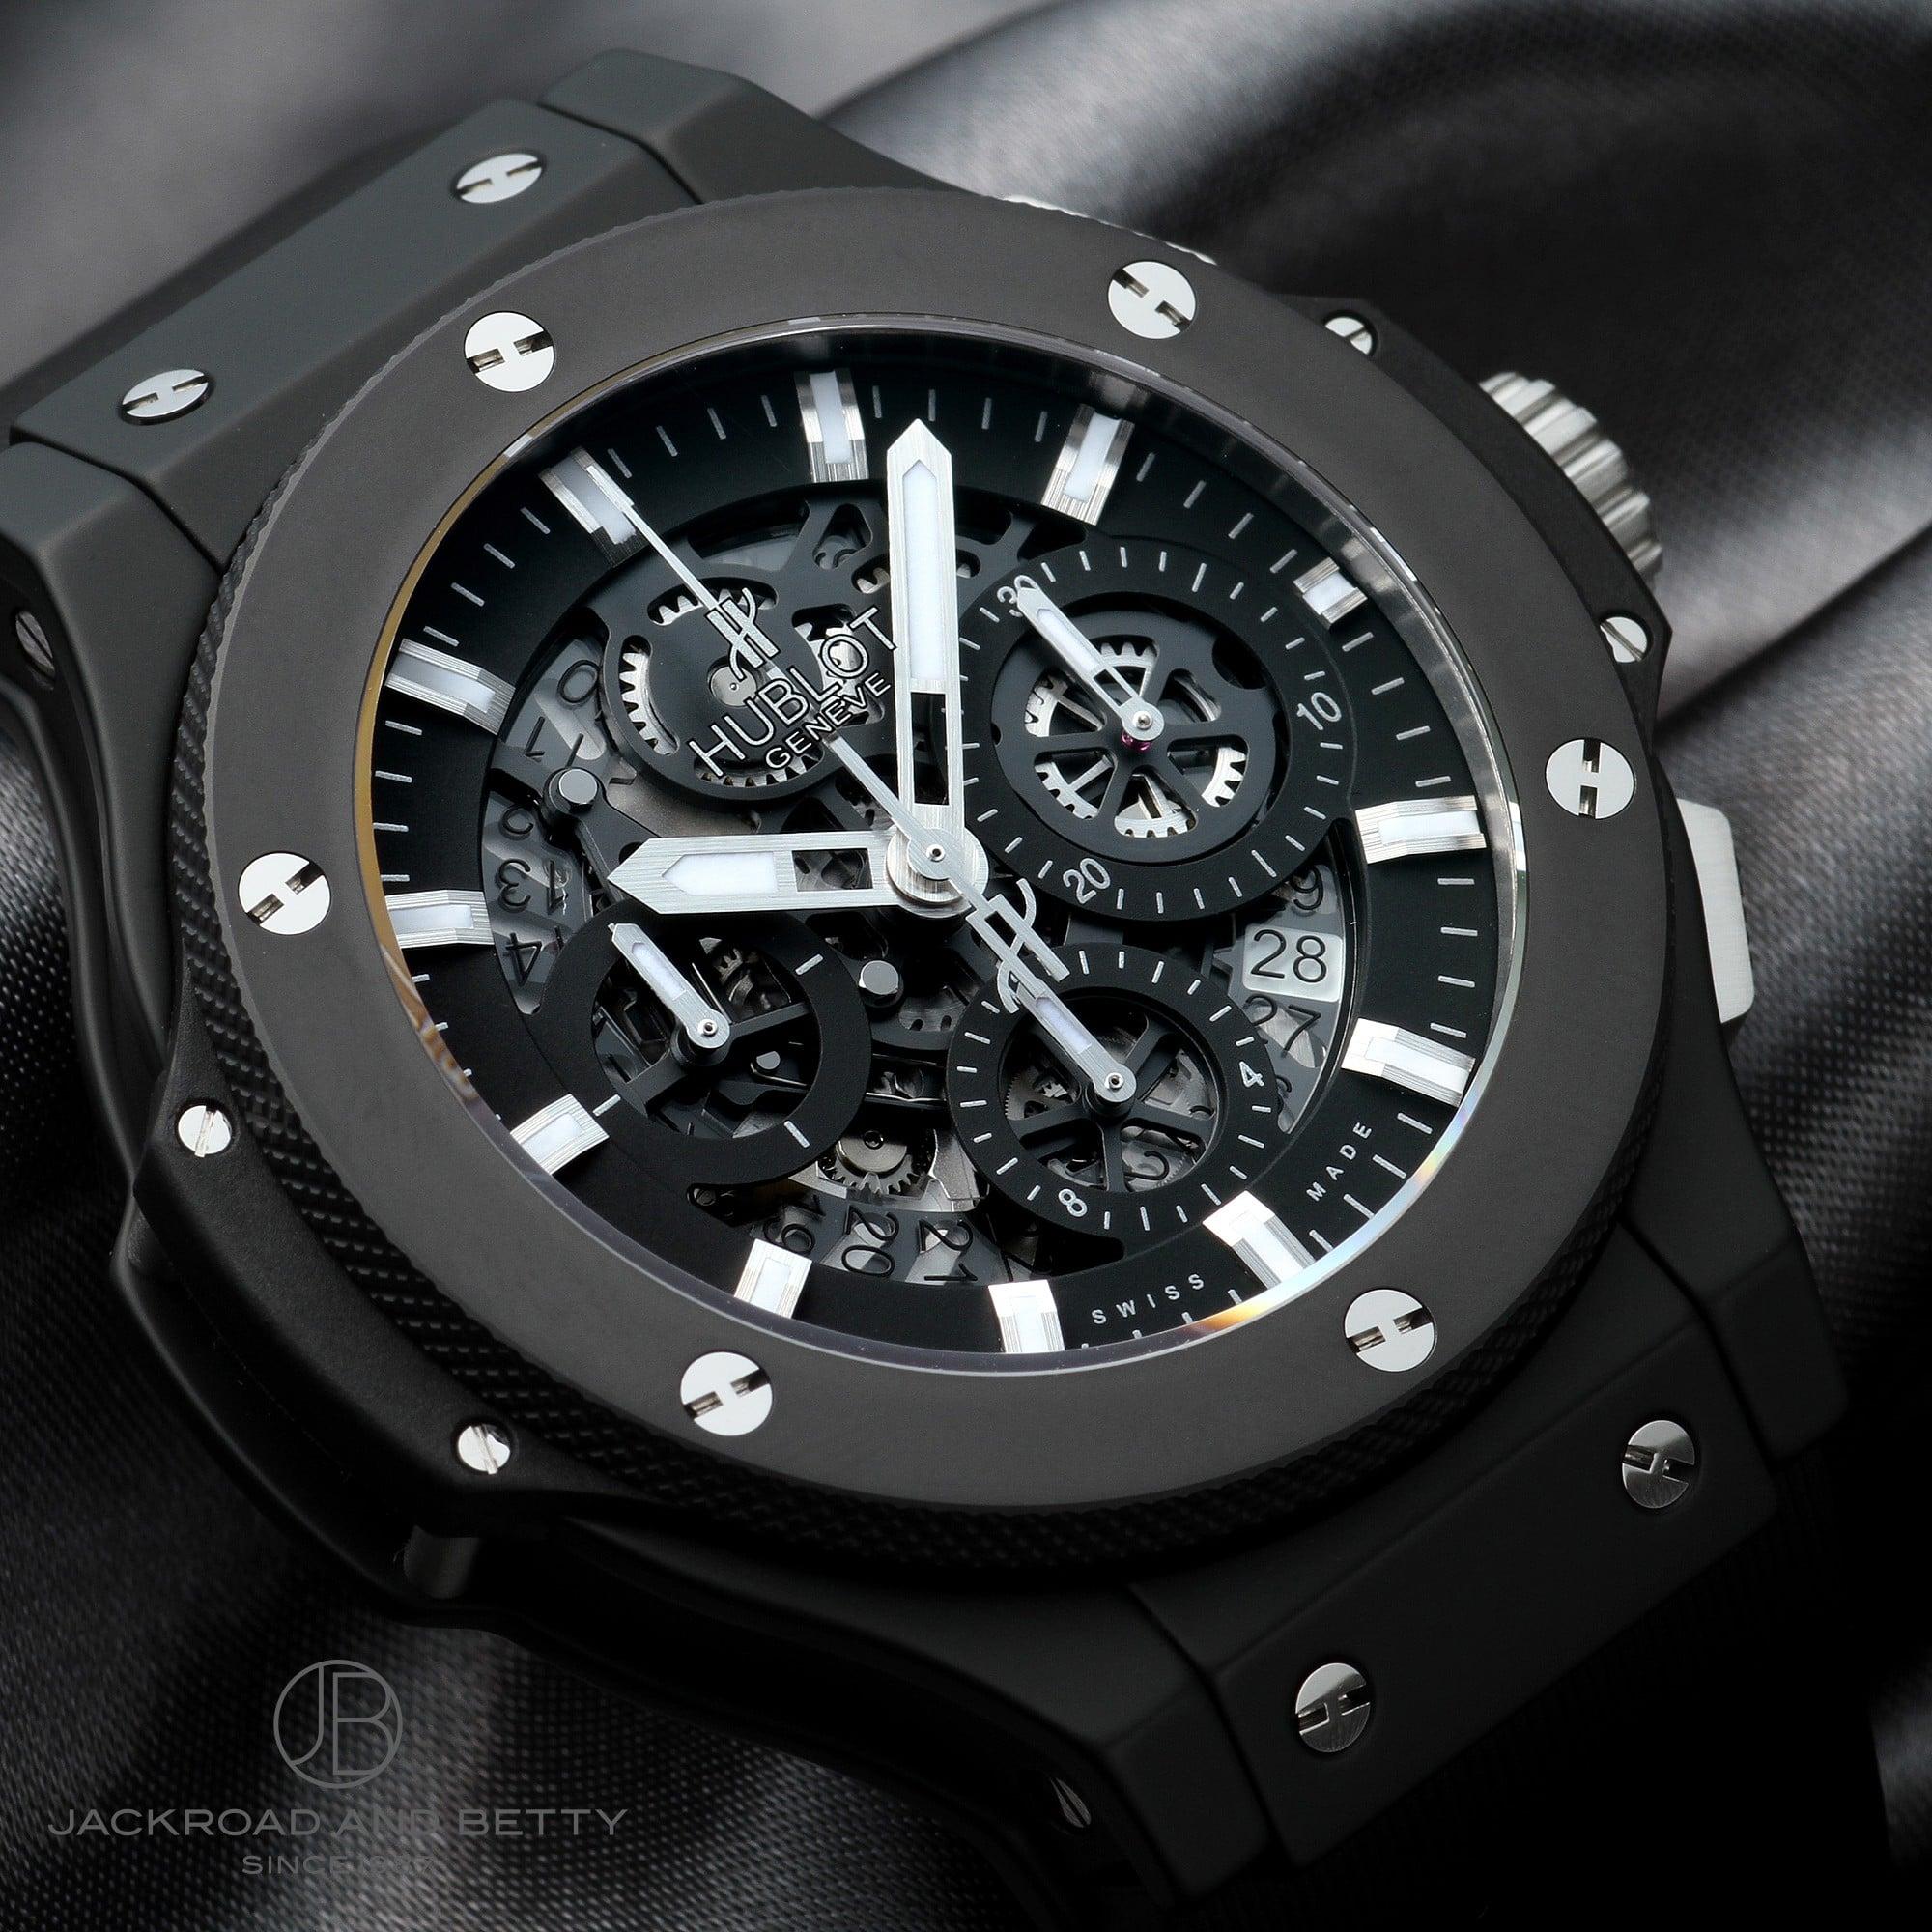 super popular 61549 e9580 ウブロ HUBLOT ビッグバン アエロバン ブラックマジック 311.CI.1170.RX 新品 時計 メンズ|ジャックロード 【腕時計専門店】